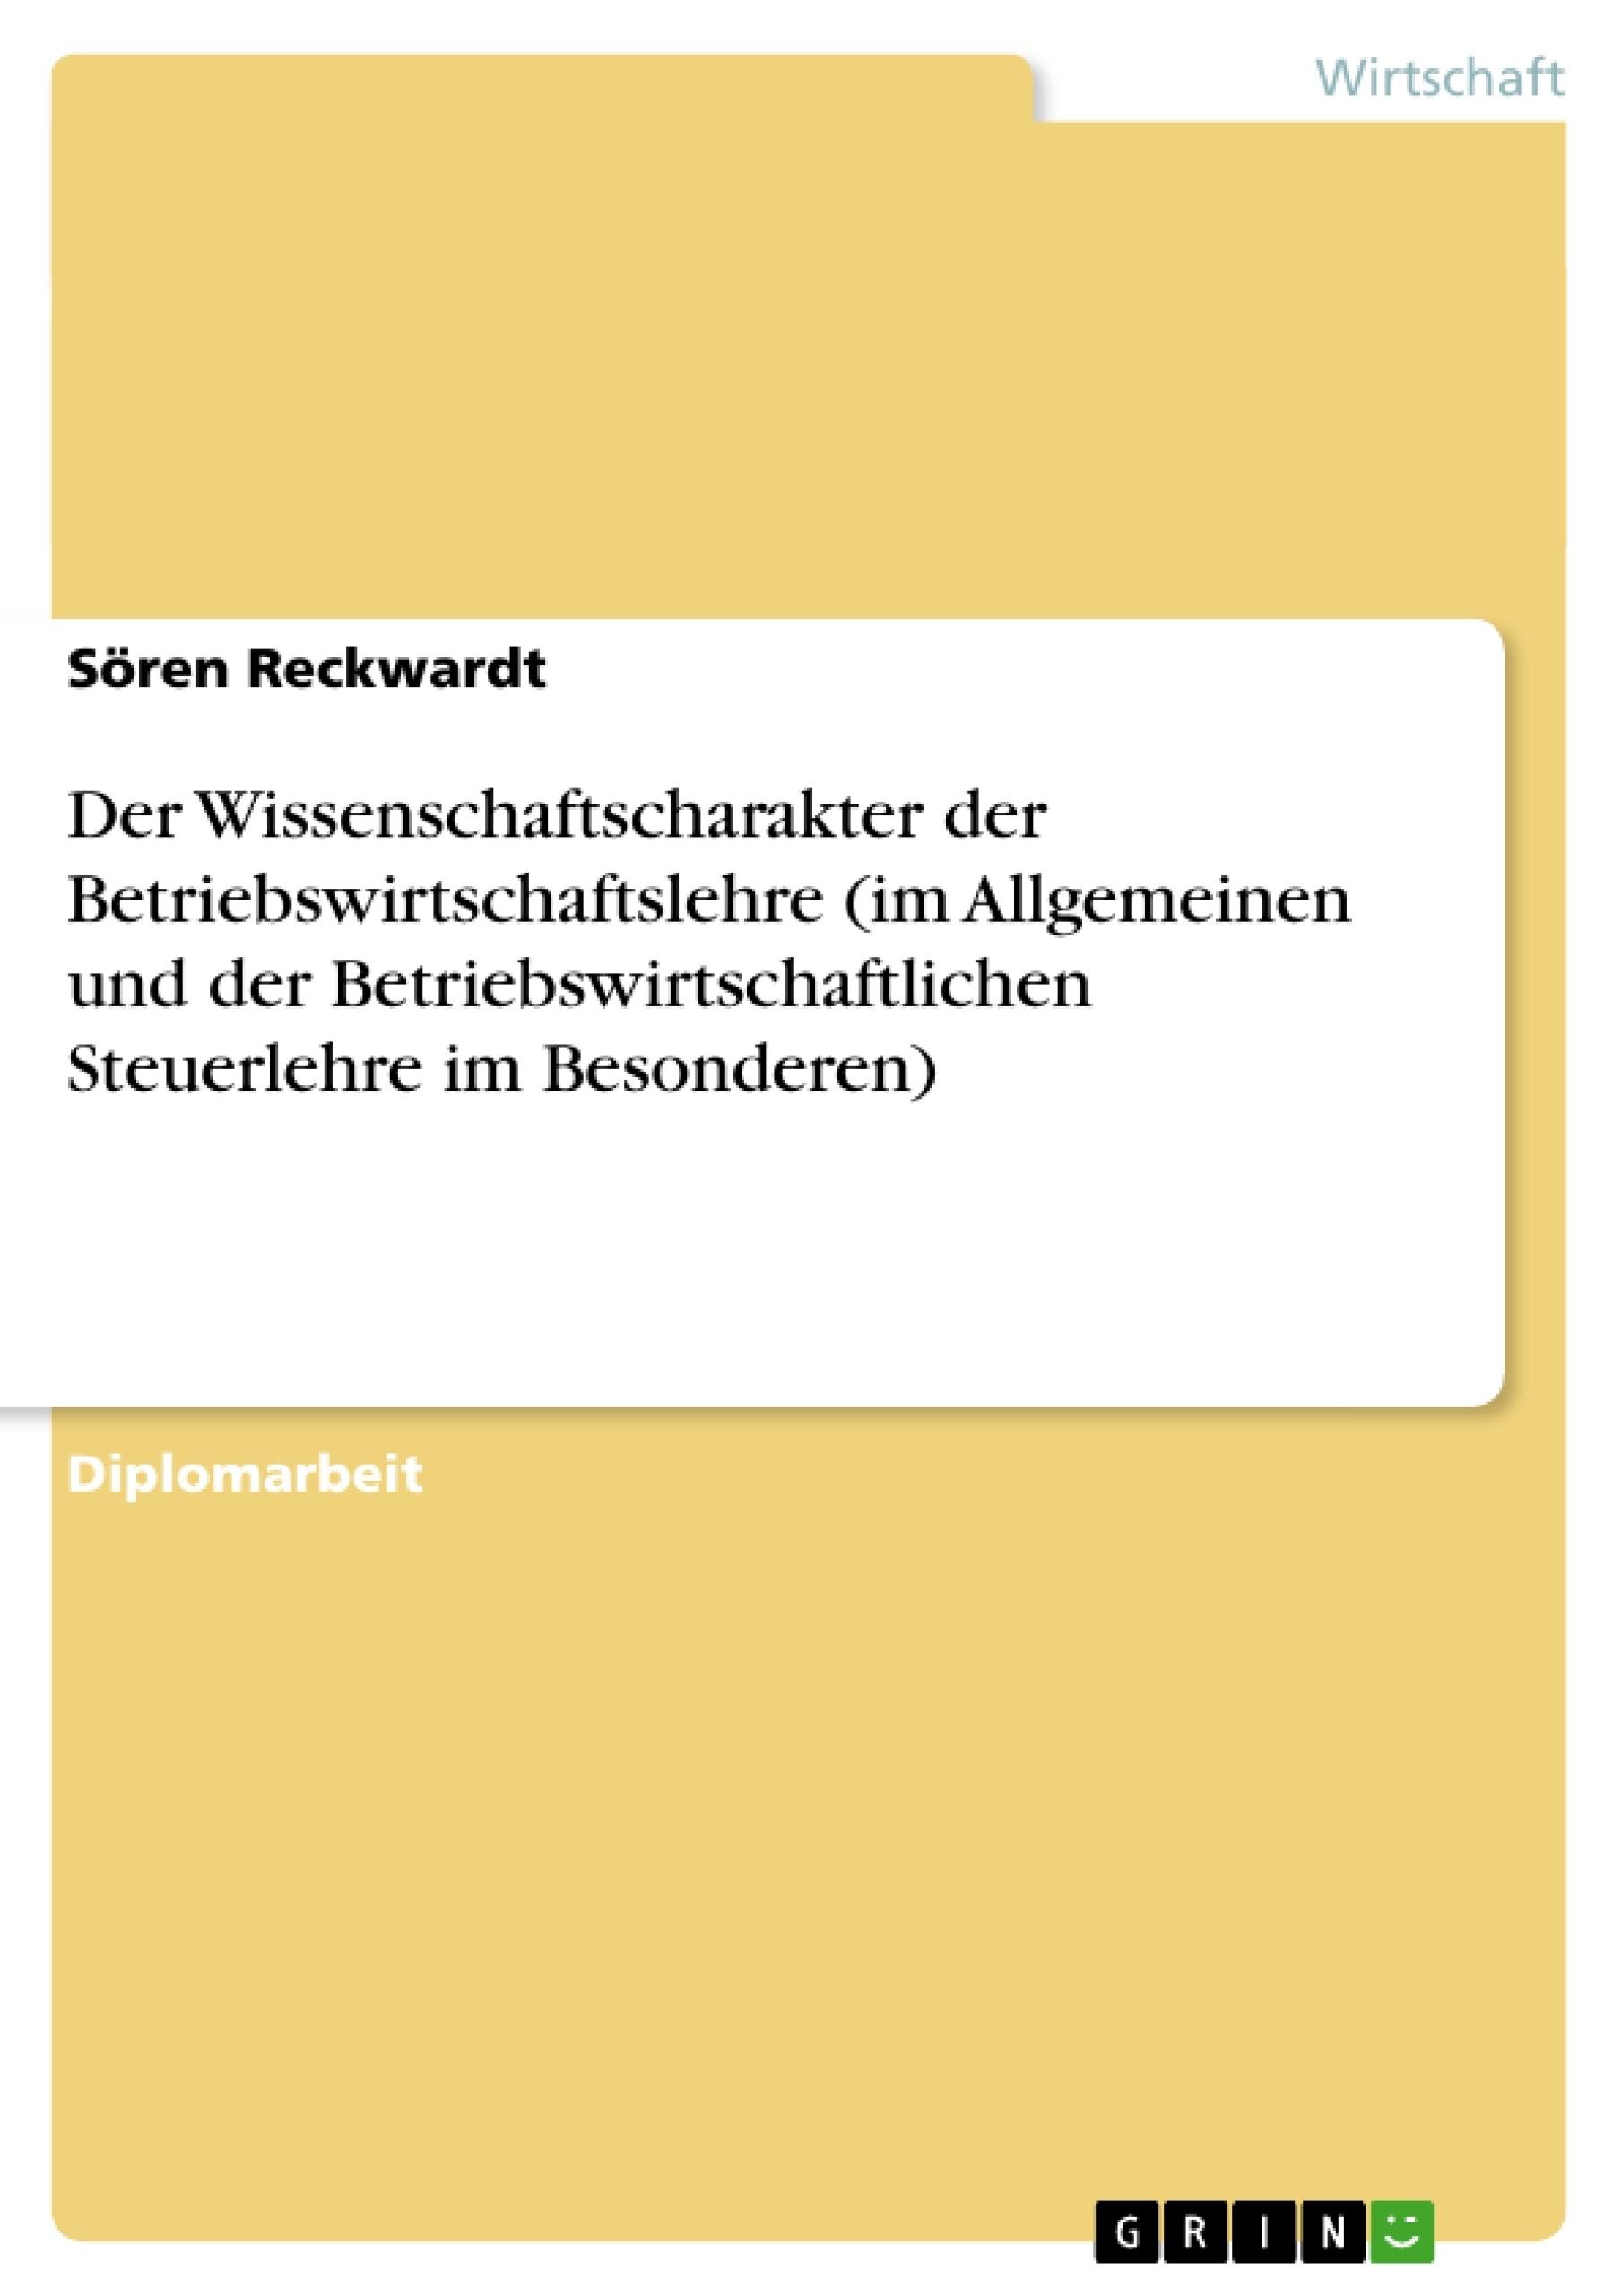 Titel: Der Wissenschaftscharakter der Betriebswirtschaftslehre (im Allgemeinen und der Betriebswirtschaftlichen Steuerlehre im Besonderen)